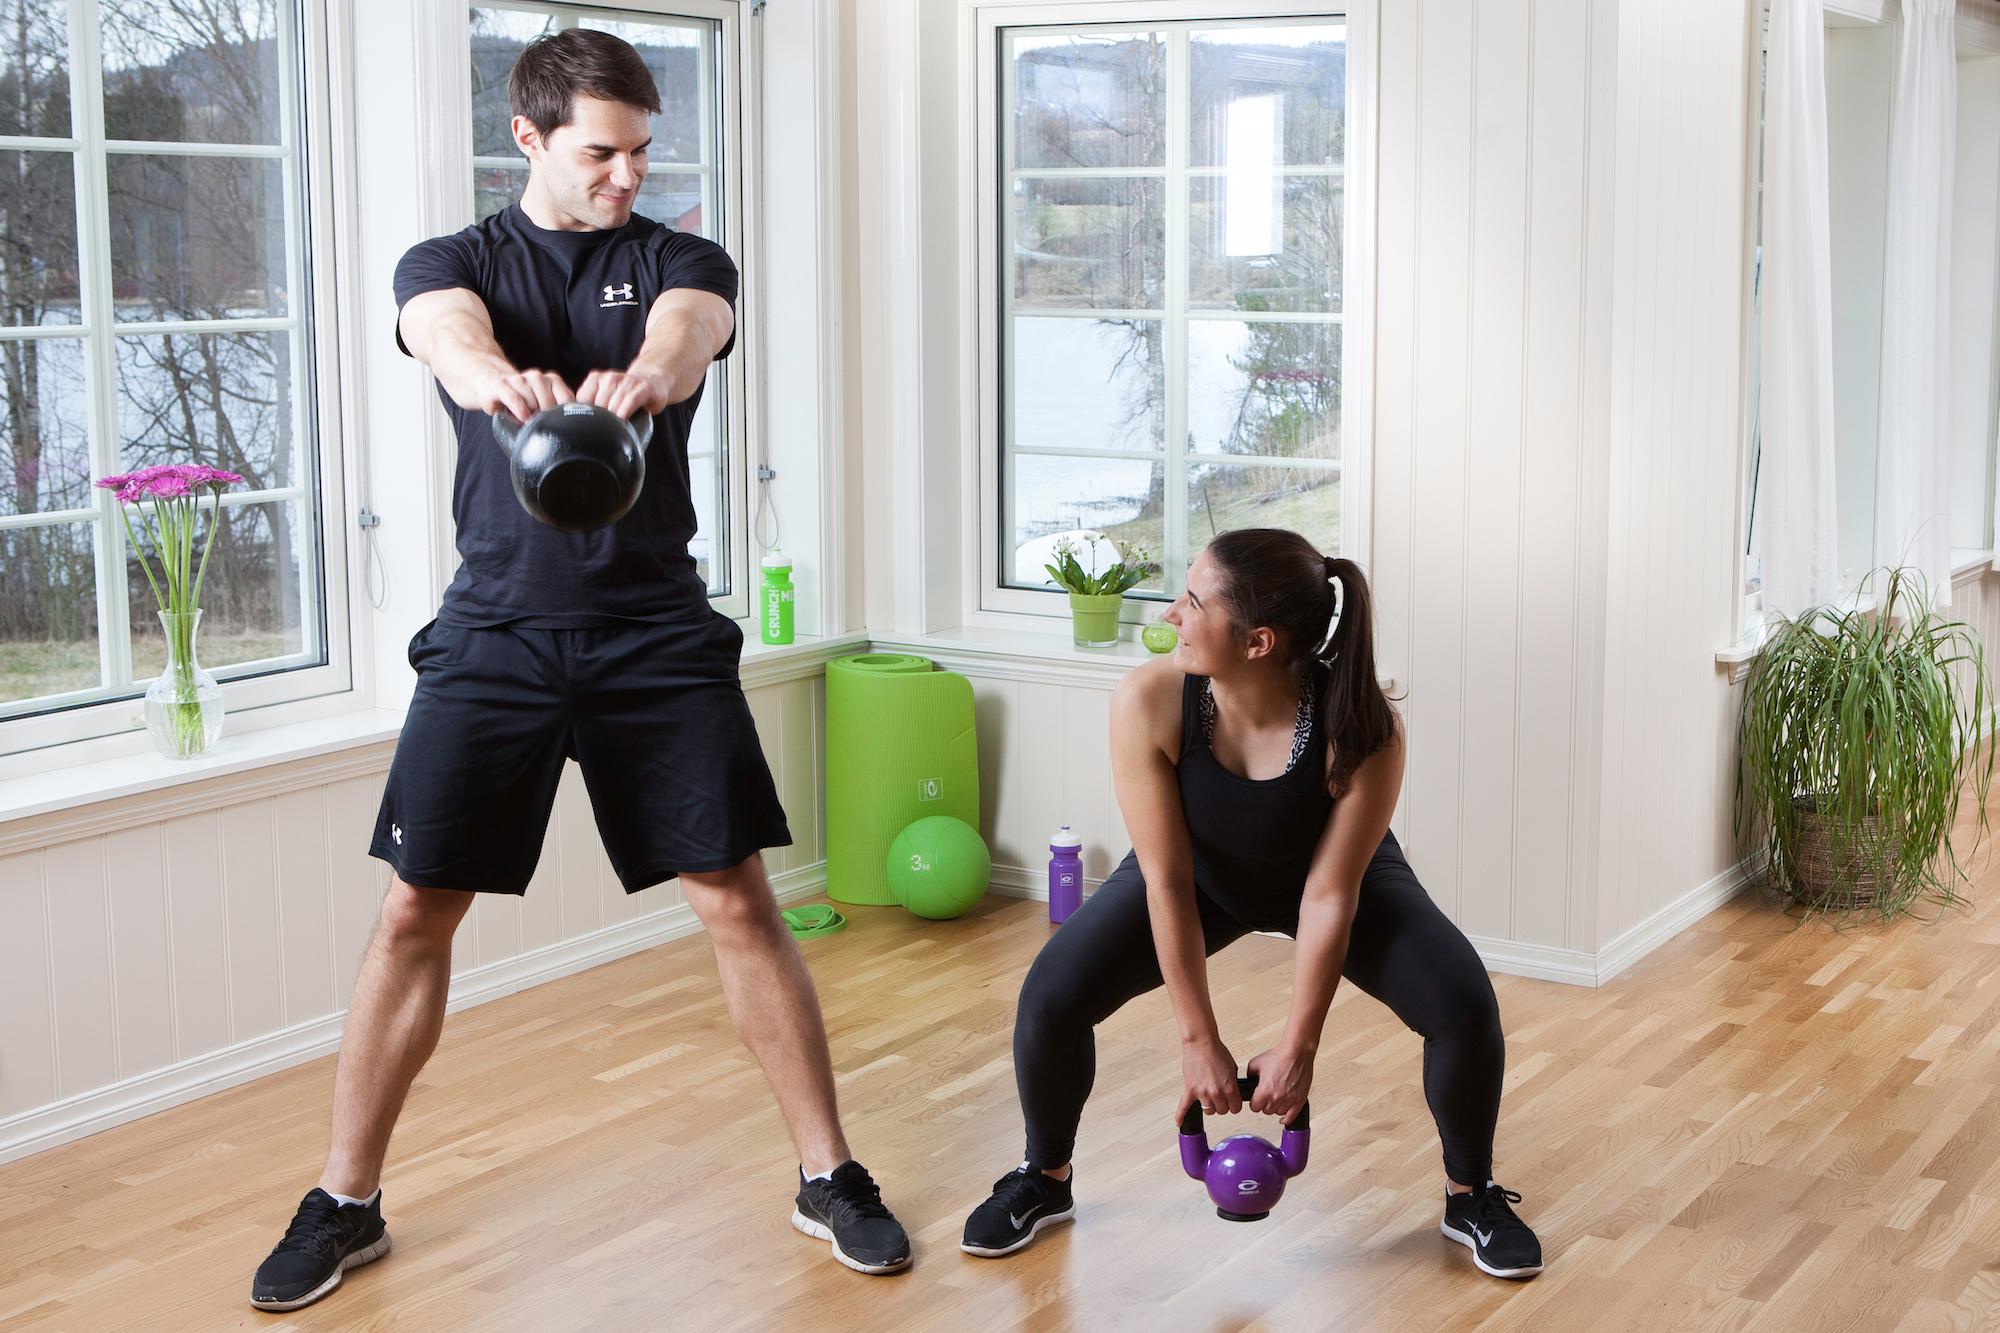 Nytårsforsæt - træning hjemme